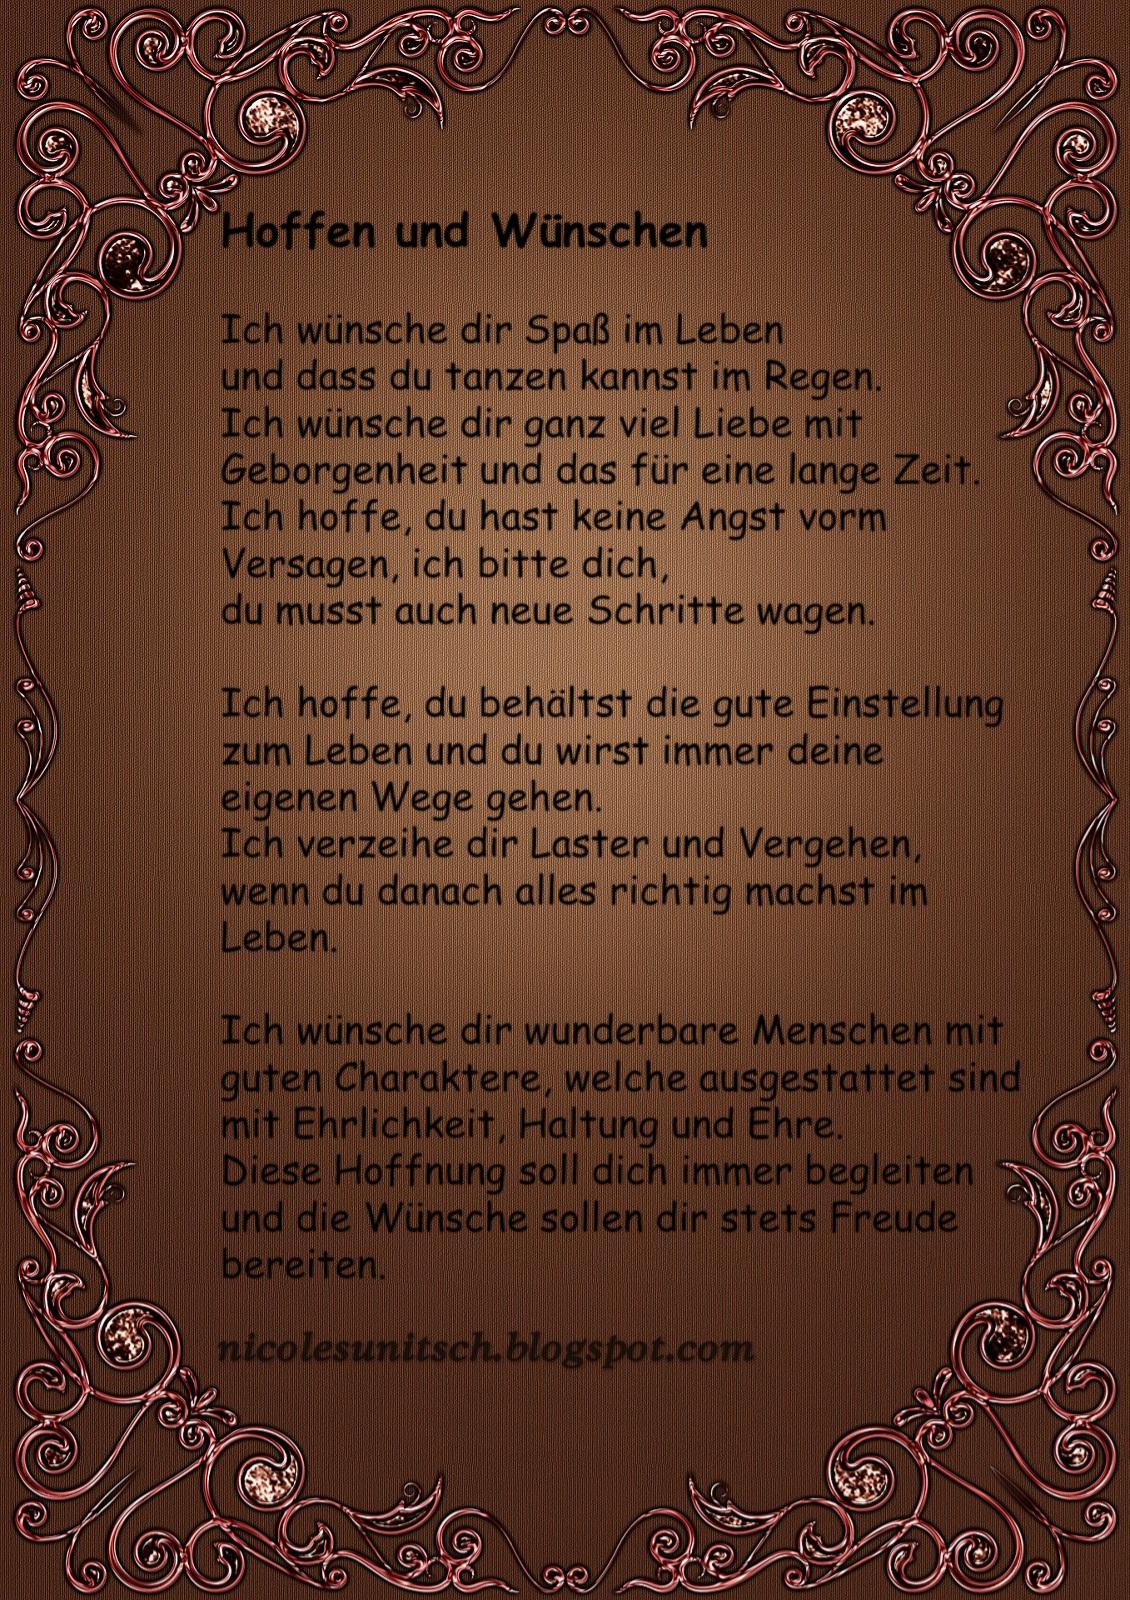 Gedichte Von Nicole Sunitsch Autorin Hoffen Und Wunschen